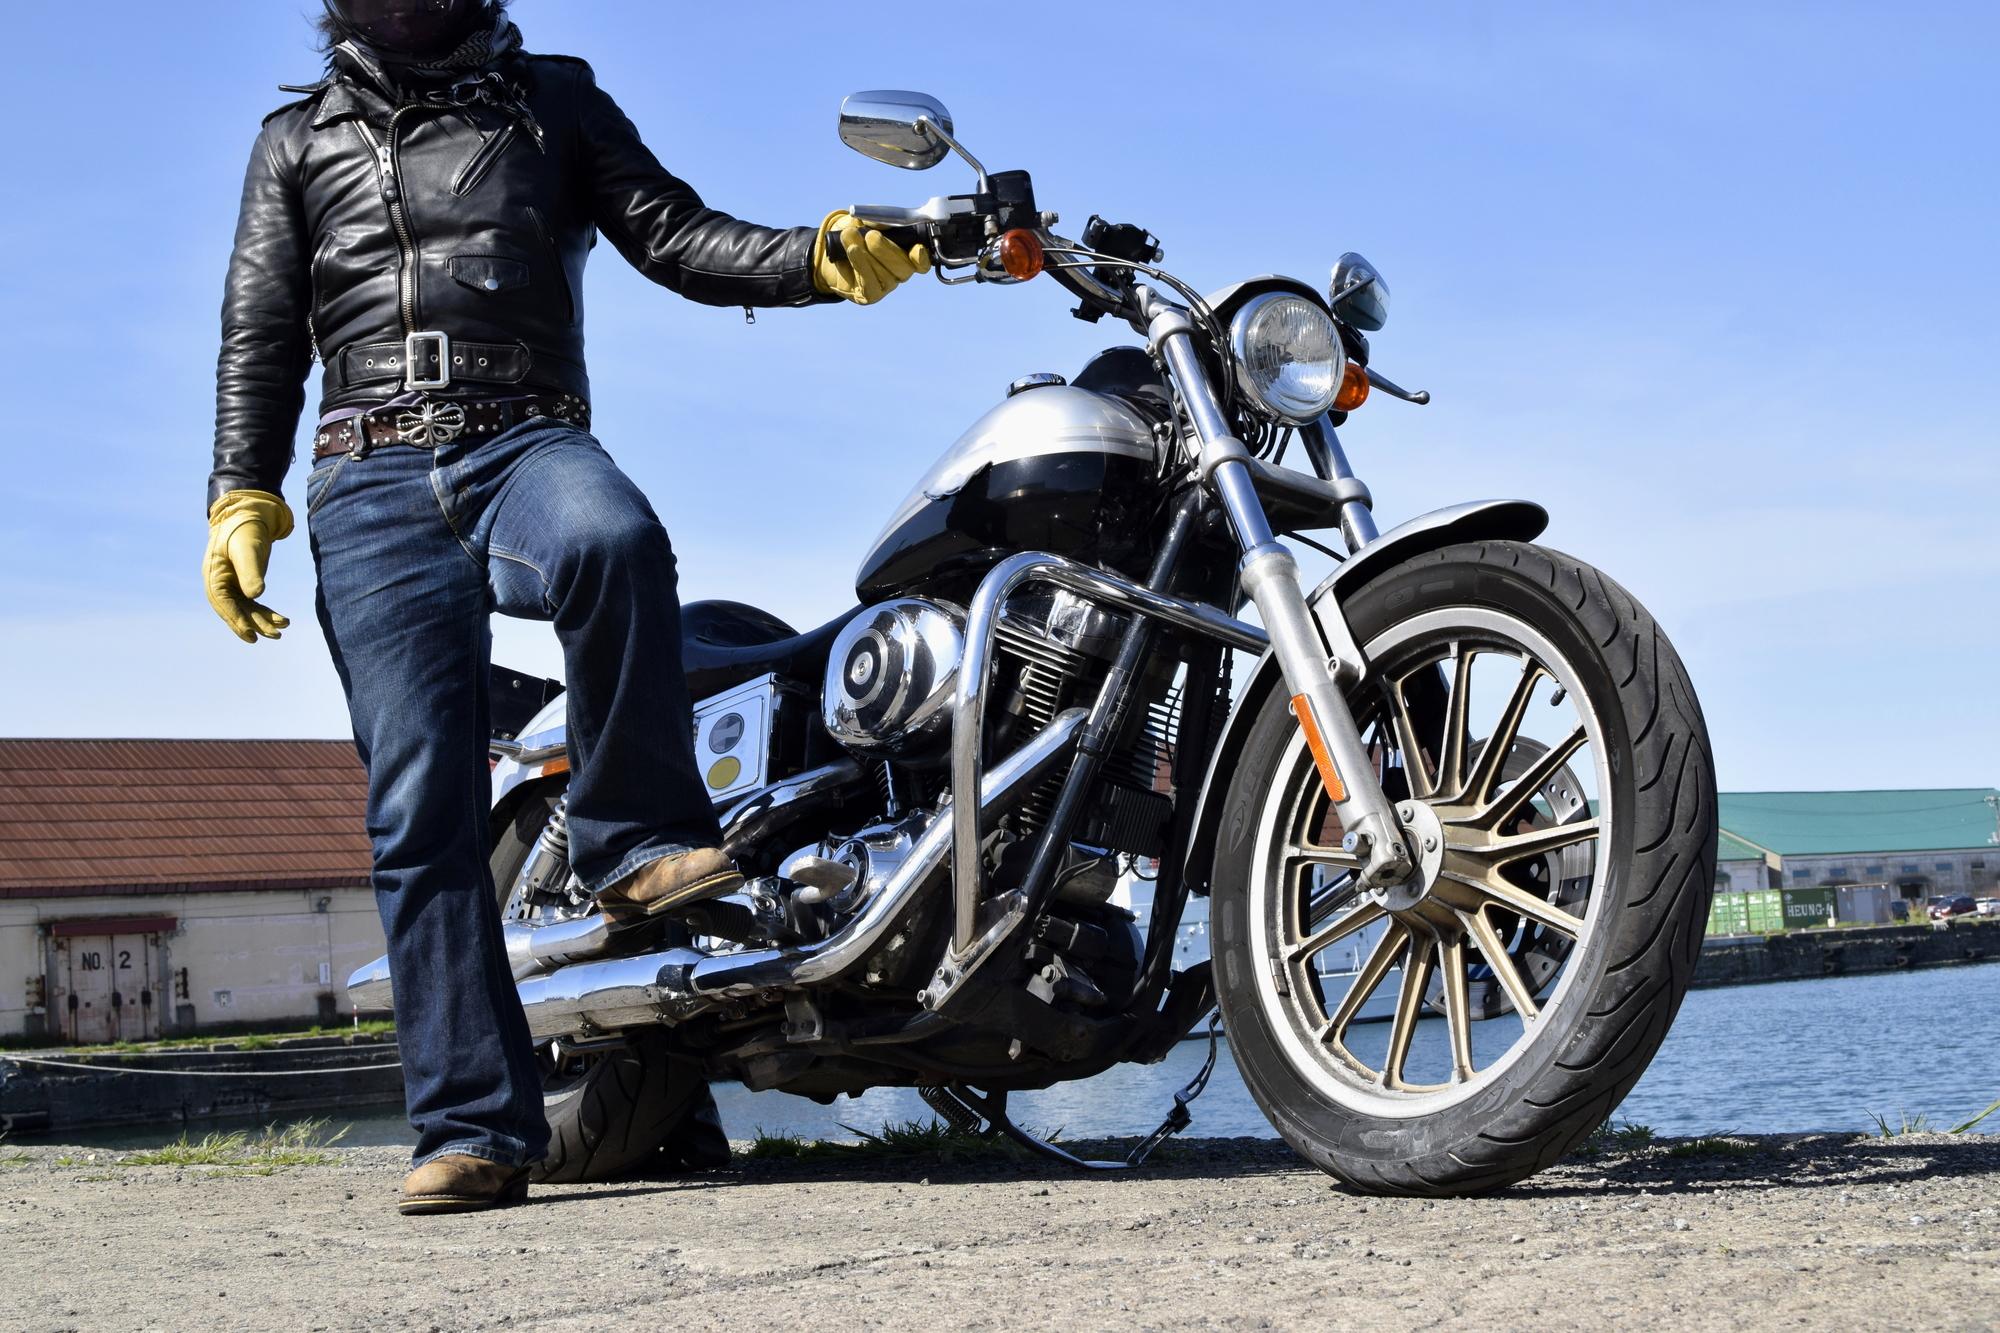 大型二輪車免許で400cc以上のパワフルなバイクを運転できる